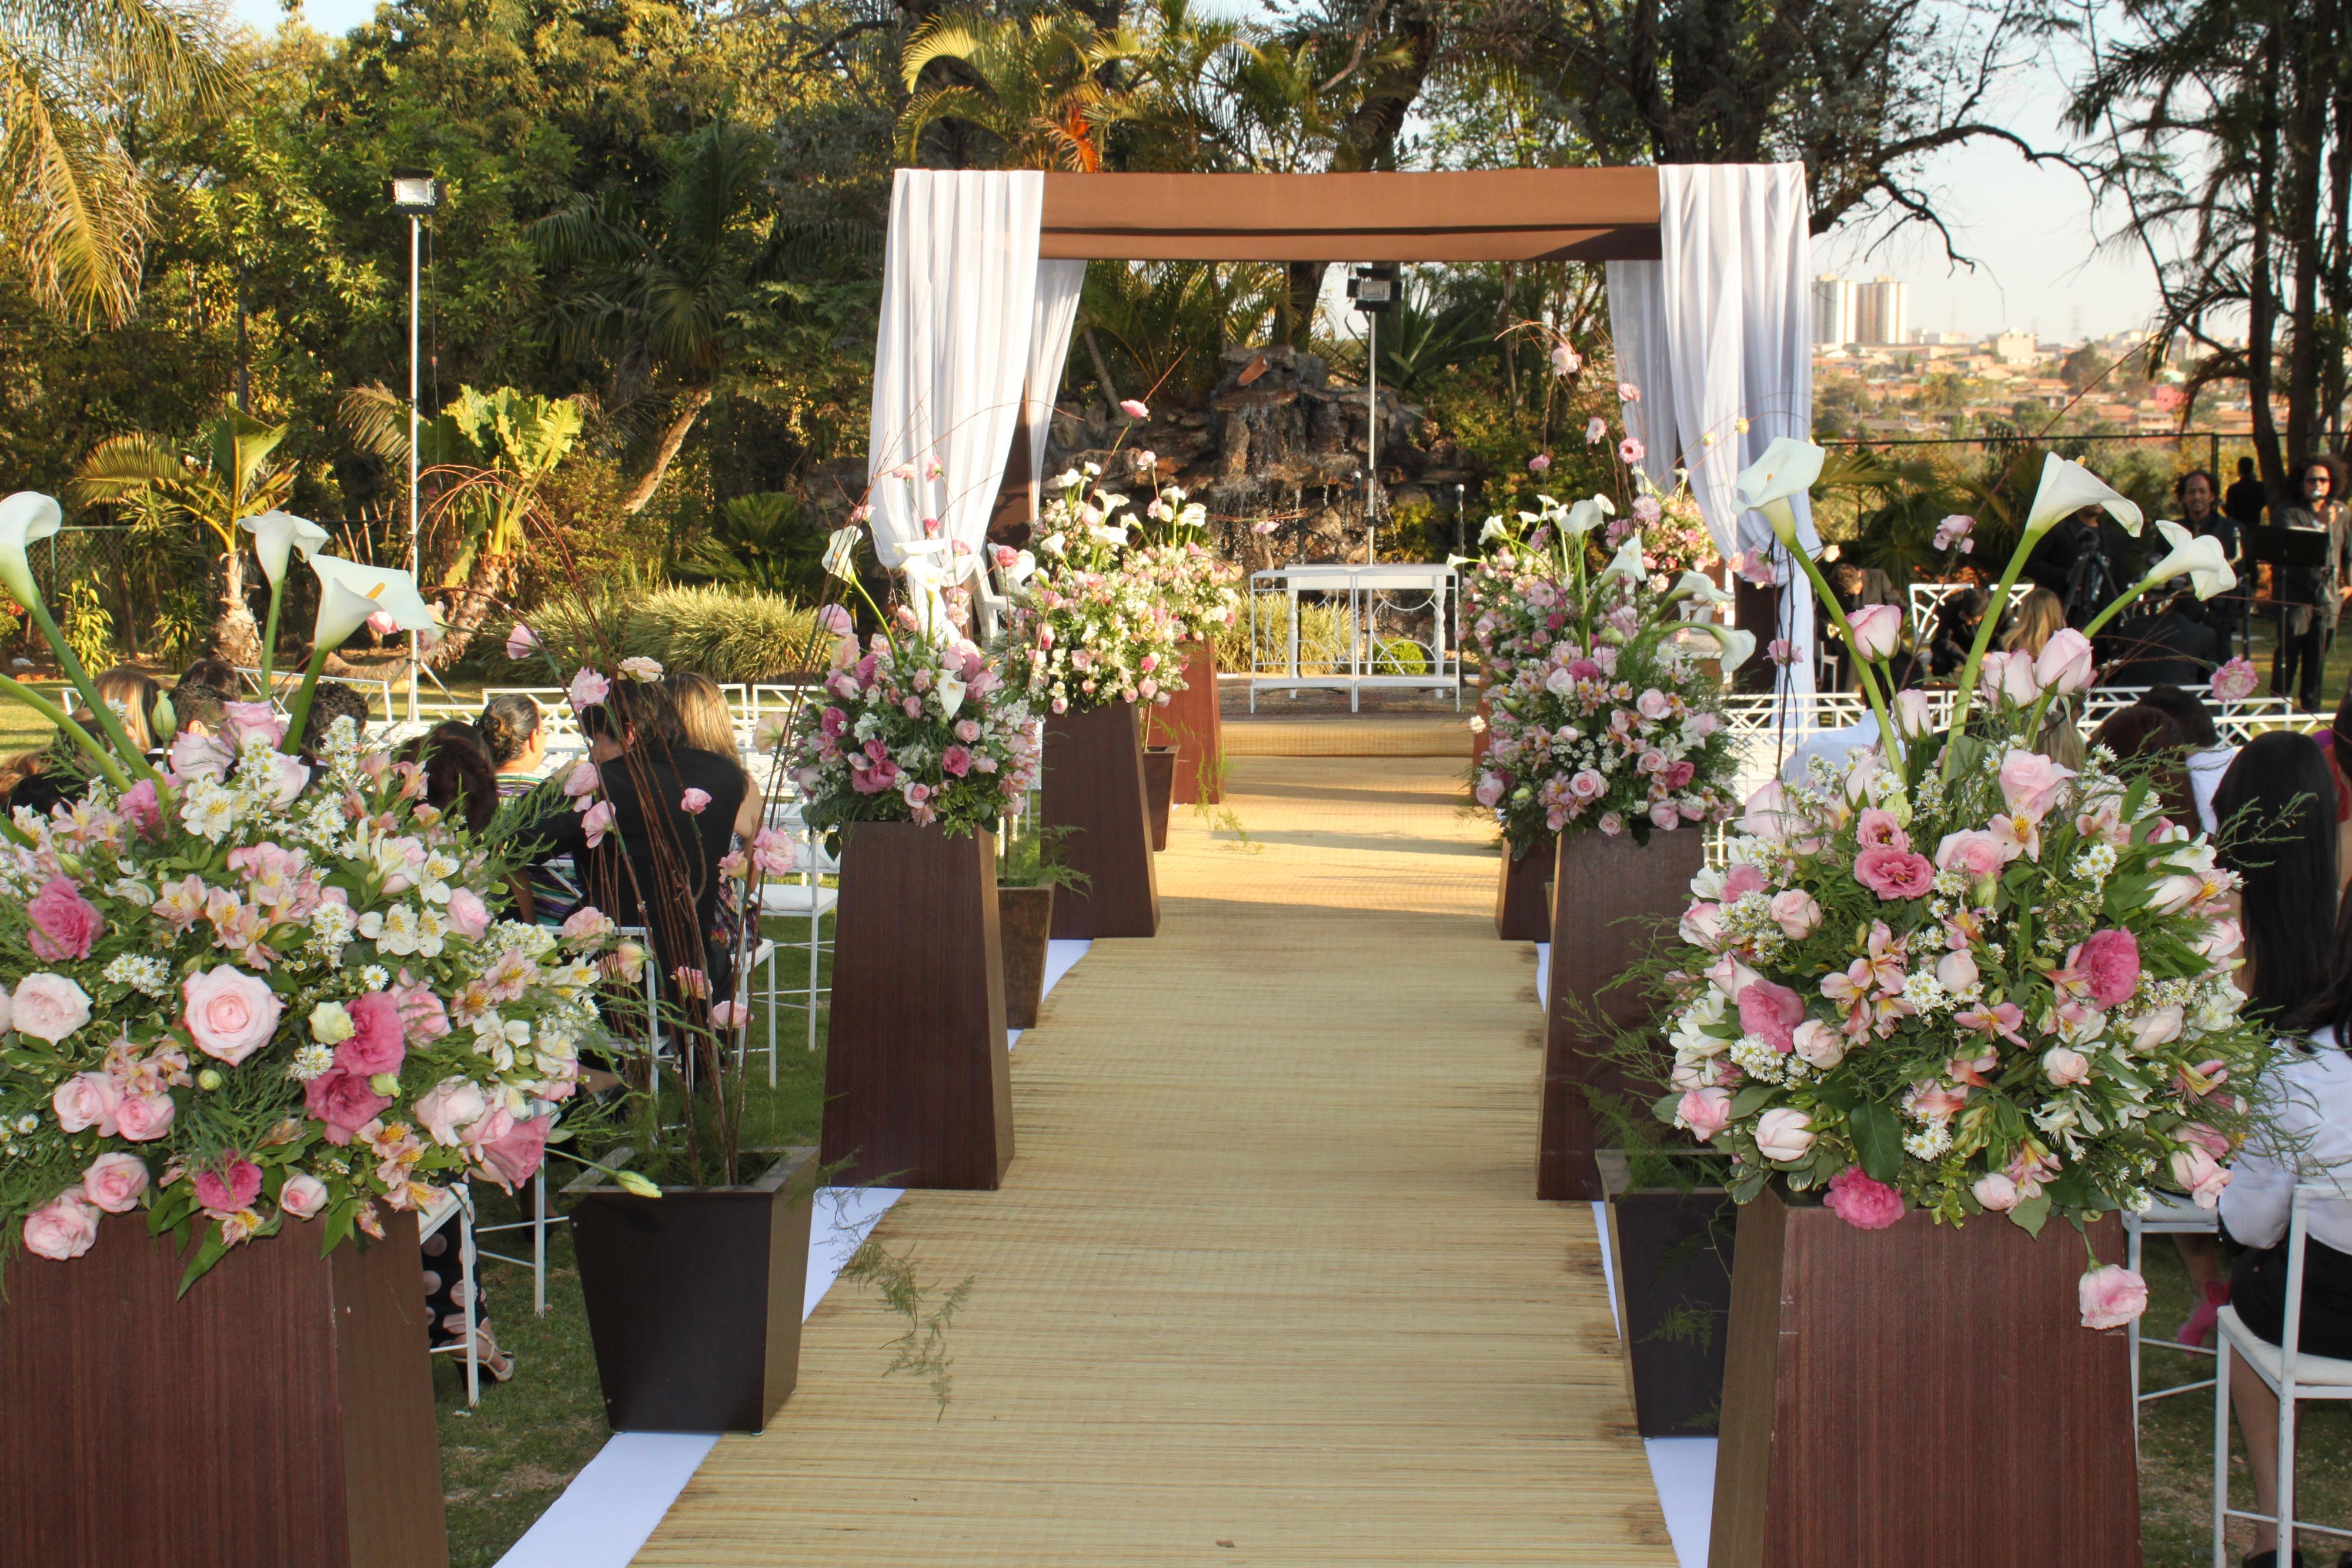 Populares casamento no campo | Sarah Leão DO03